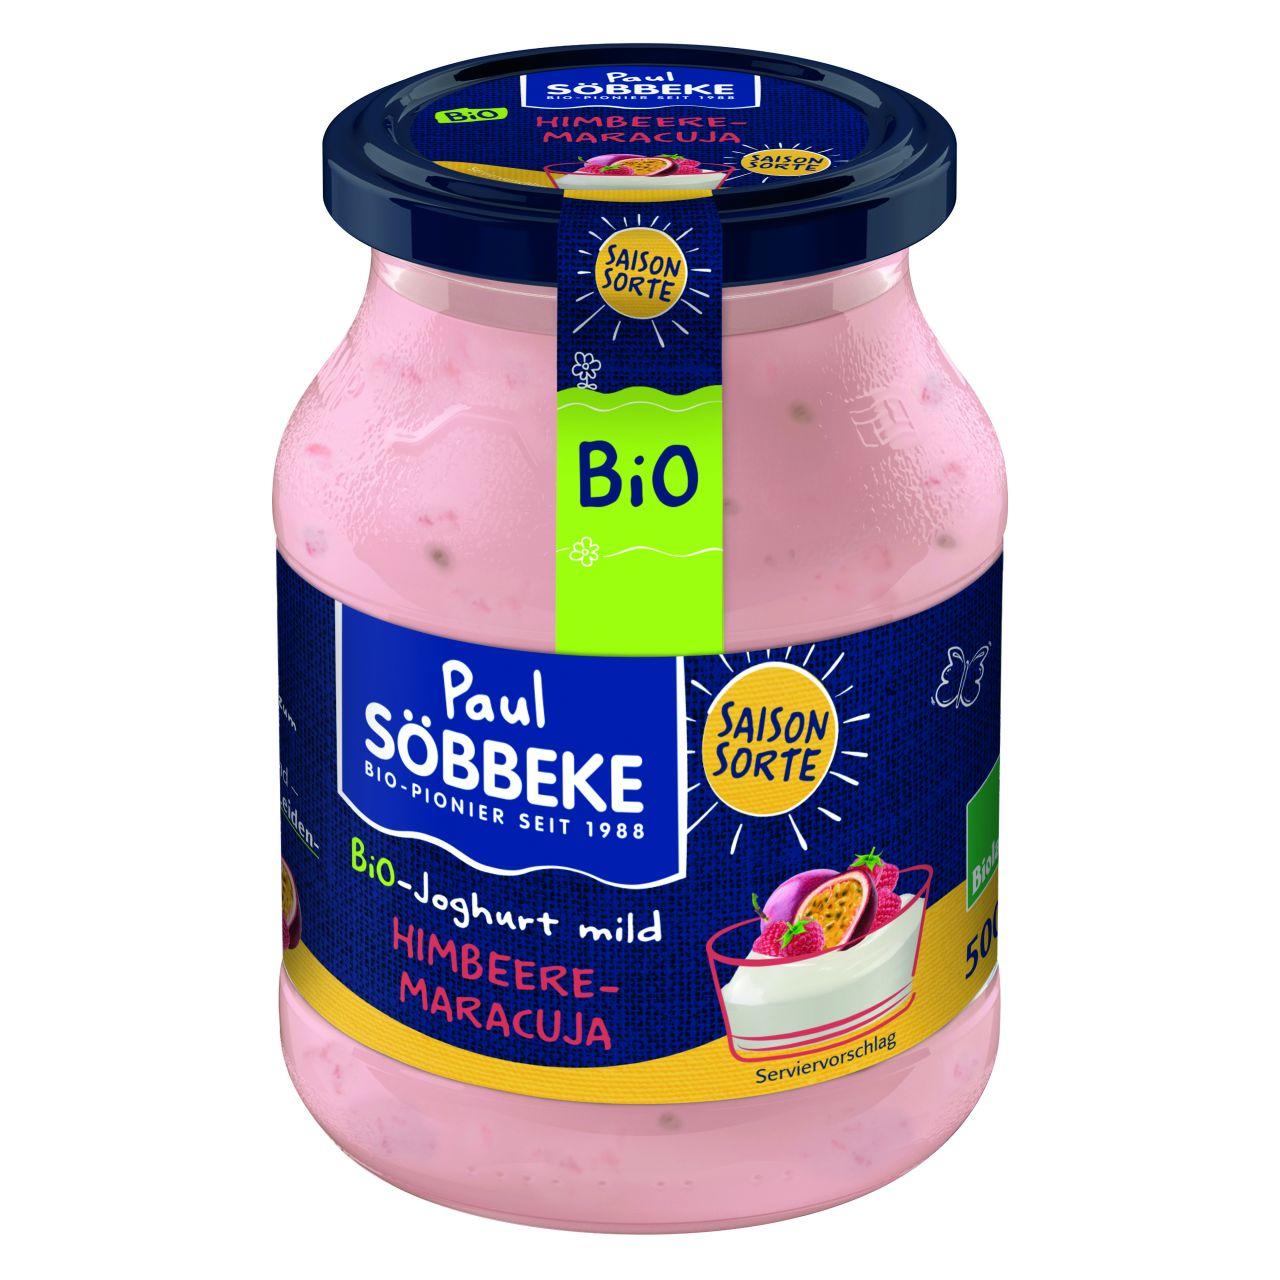 Saisonjoghurt Himbeere Maracuja